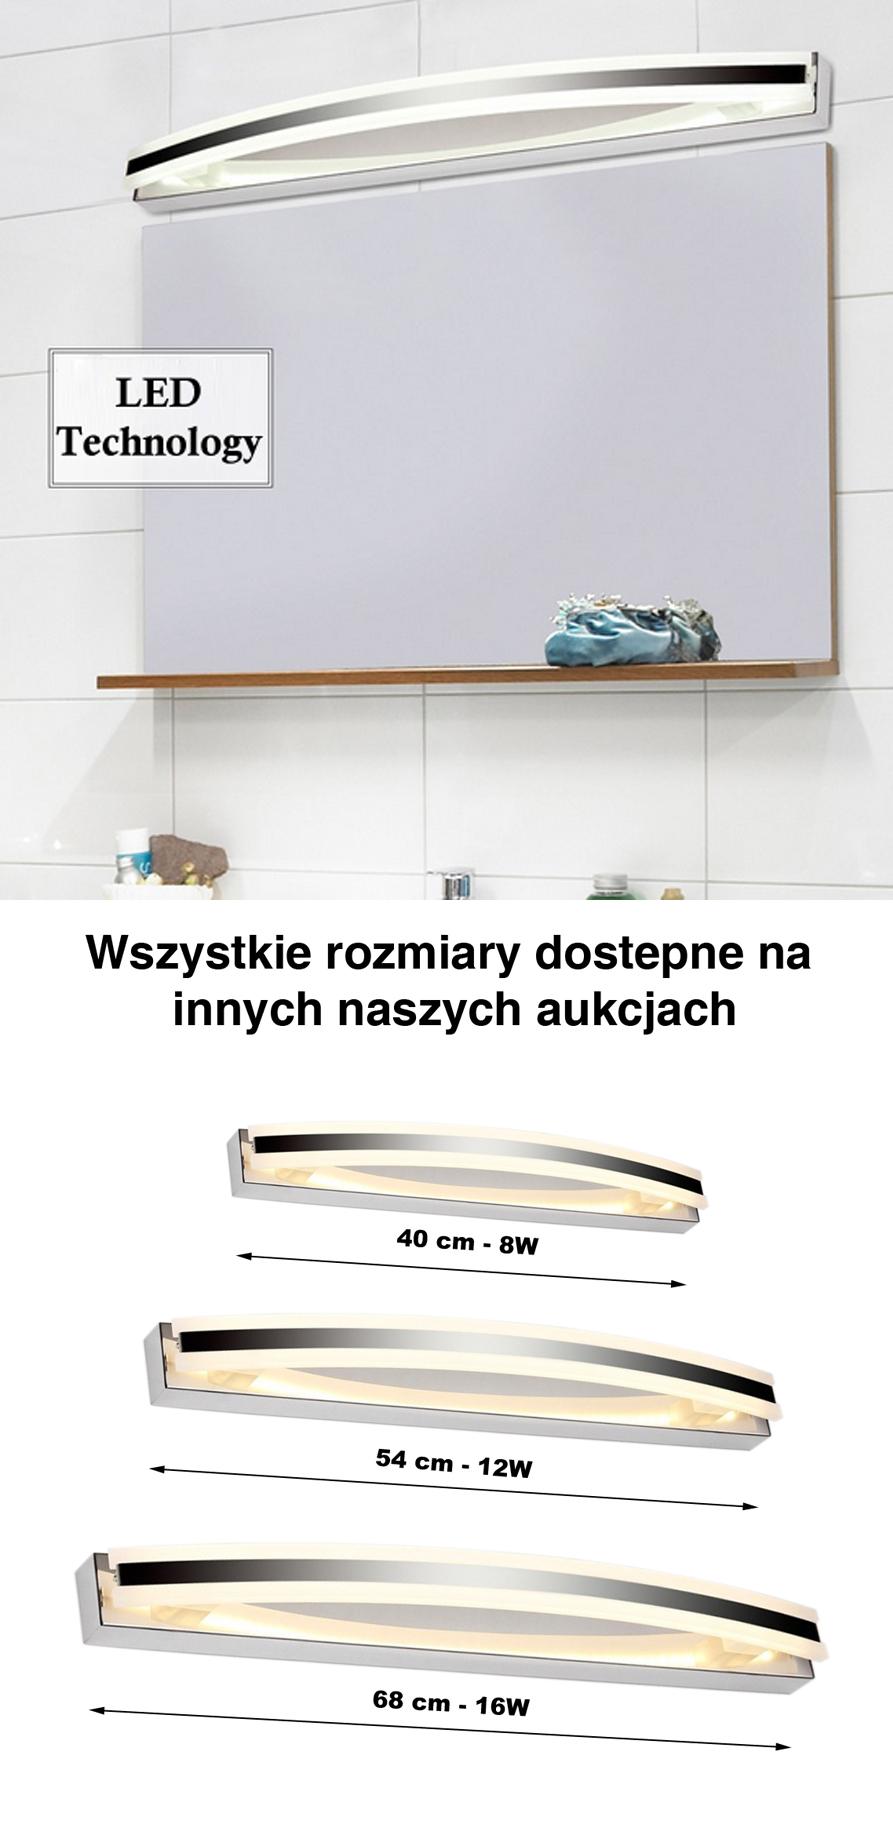 21978373_8.jpg